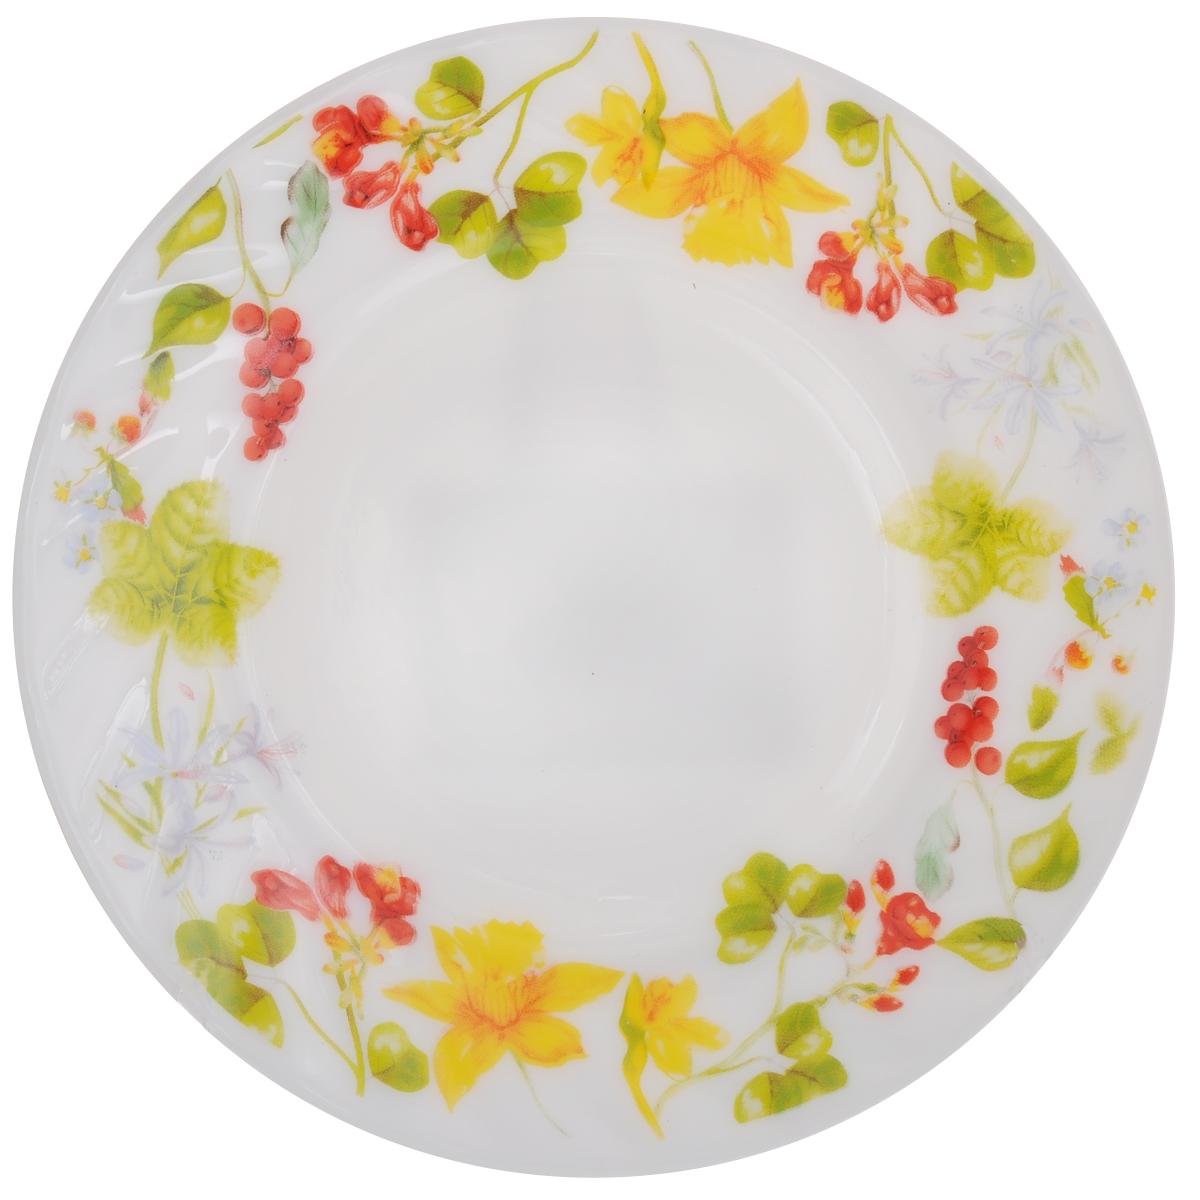 Тарелка десертная Chinbull Оттавиа, диаметр 18 смJ1932Десертная тарелка Chinbull Оттавиа изготовлена из экологически чистой стеклокерамики. Изделие оформлено красочным рисунком и имеет изысканный внешний вид. Такая тарелка прекрасно подходит как для торжественных случаев, так и для повседневного использования. Идеальна для подачи десертов, пирожных, тортов и многого другого. Она прекрасно оформит стол и станет отличным дополнением к вашей коллекции кухонной посуды.Можно использовать в посудомоечной машине и СВЧ.Диаметр (по верхнему краю): 18 см.Высота стенки: 1,7 см.